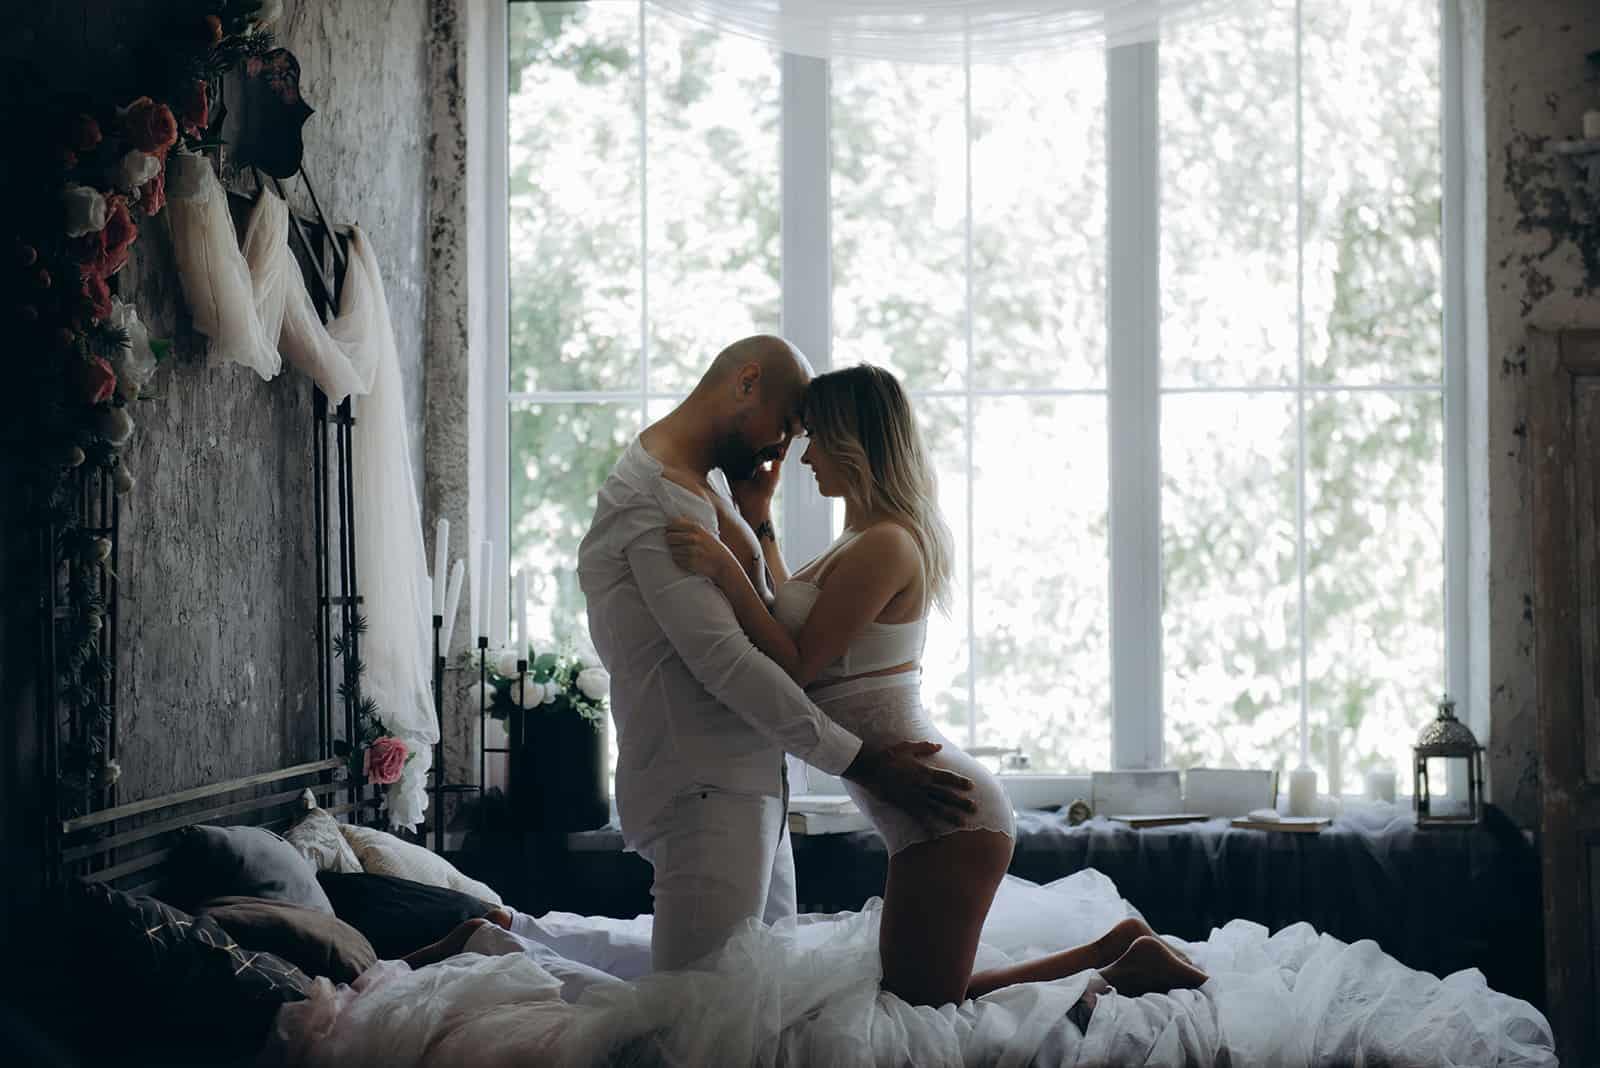 Ein liebevolles Paar kuschelt auf dem Bett